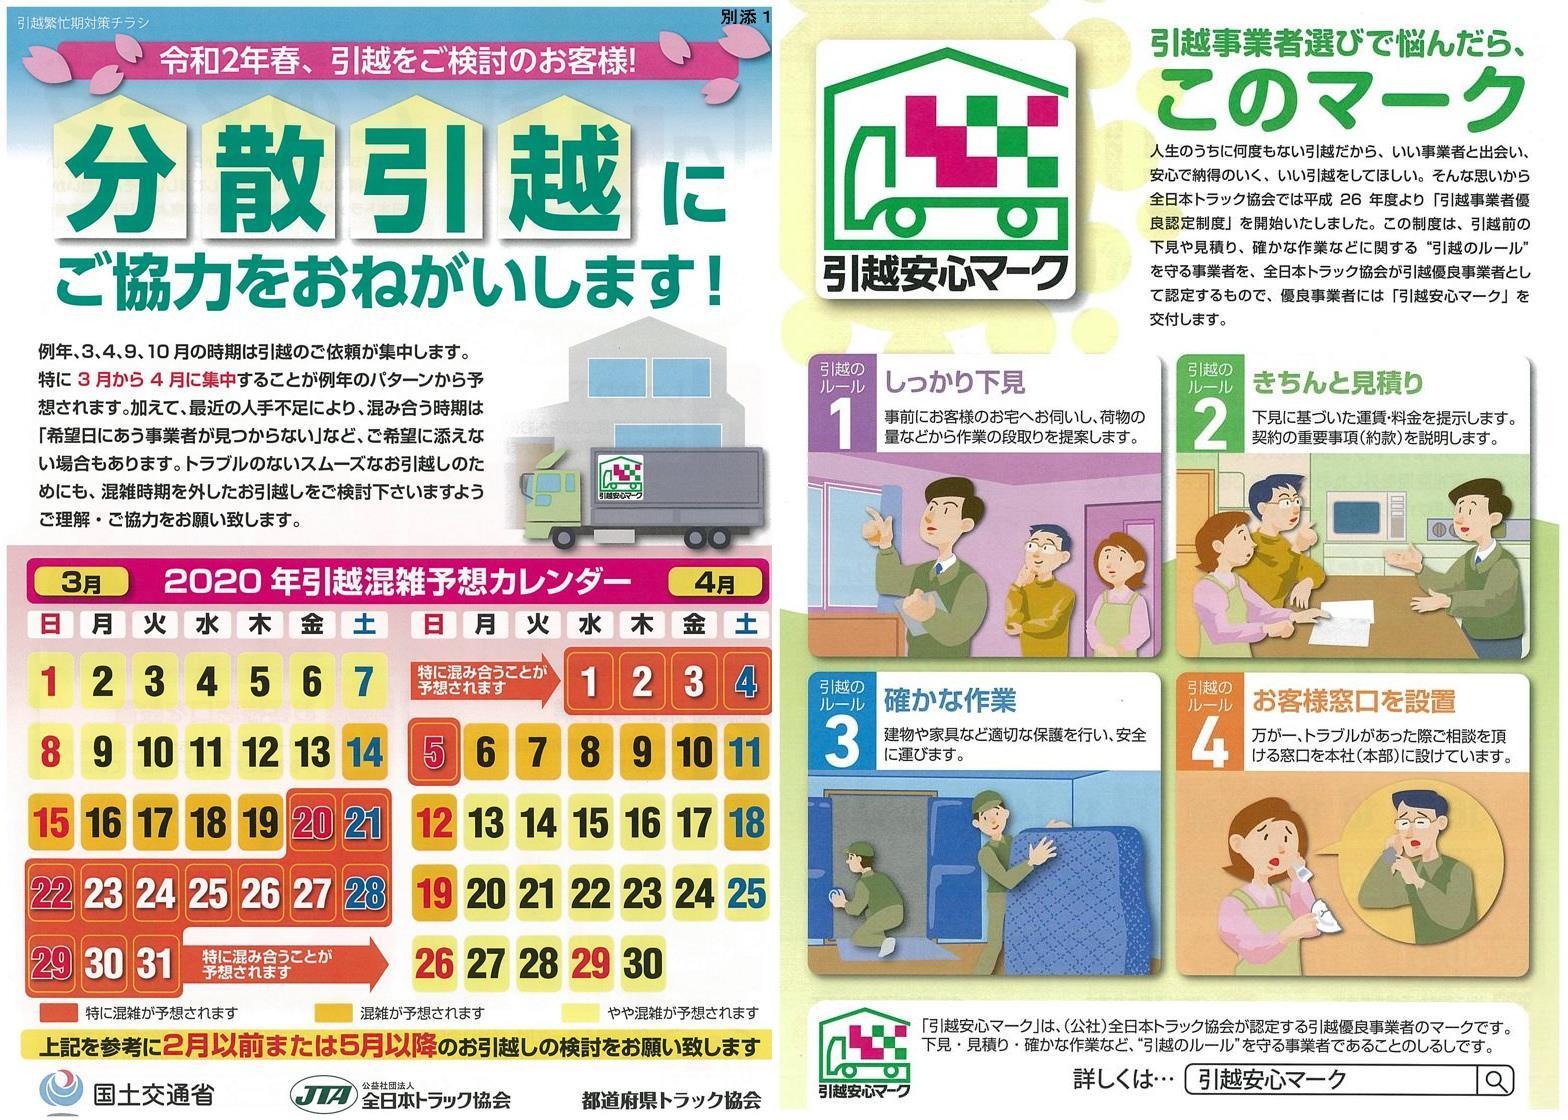 R1_hikkosi_leafret.jpg